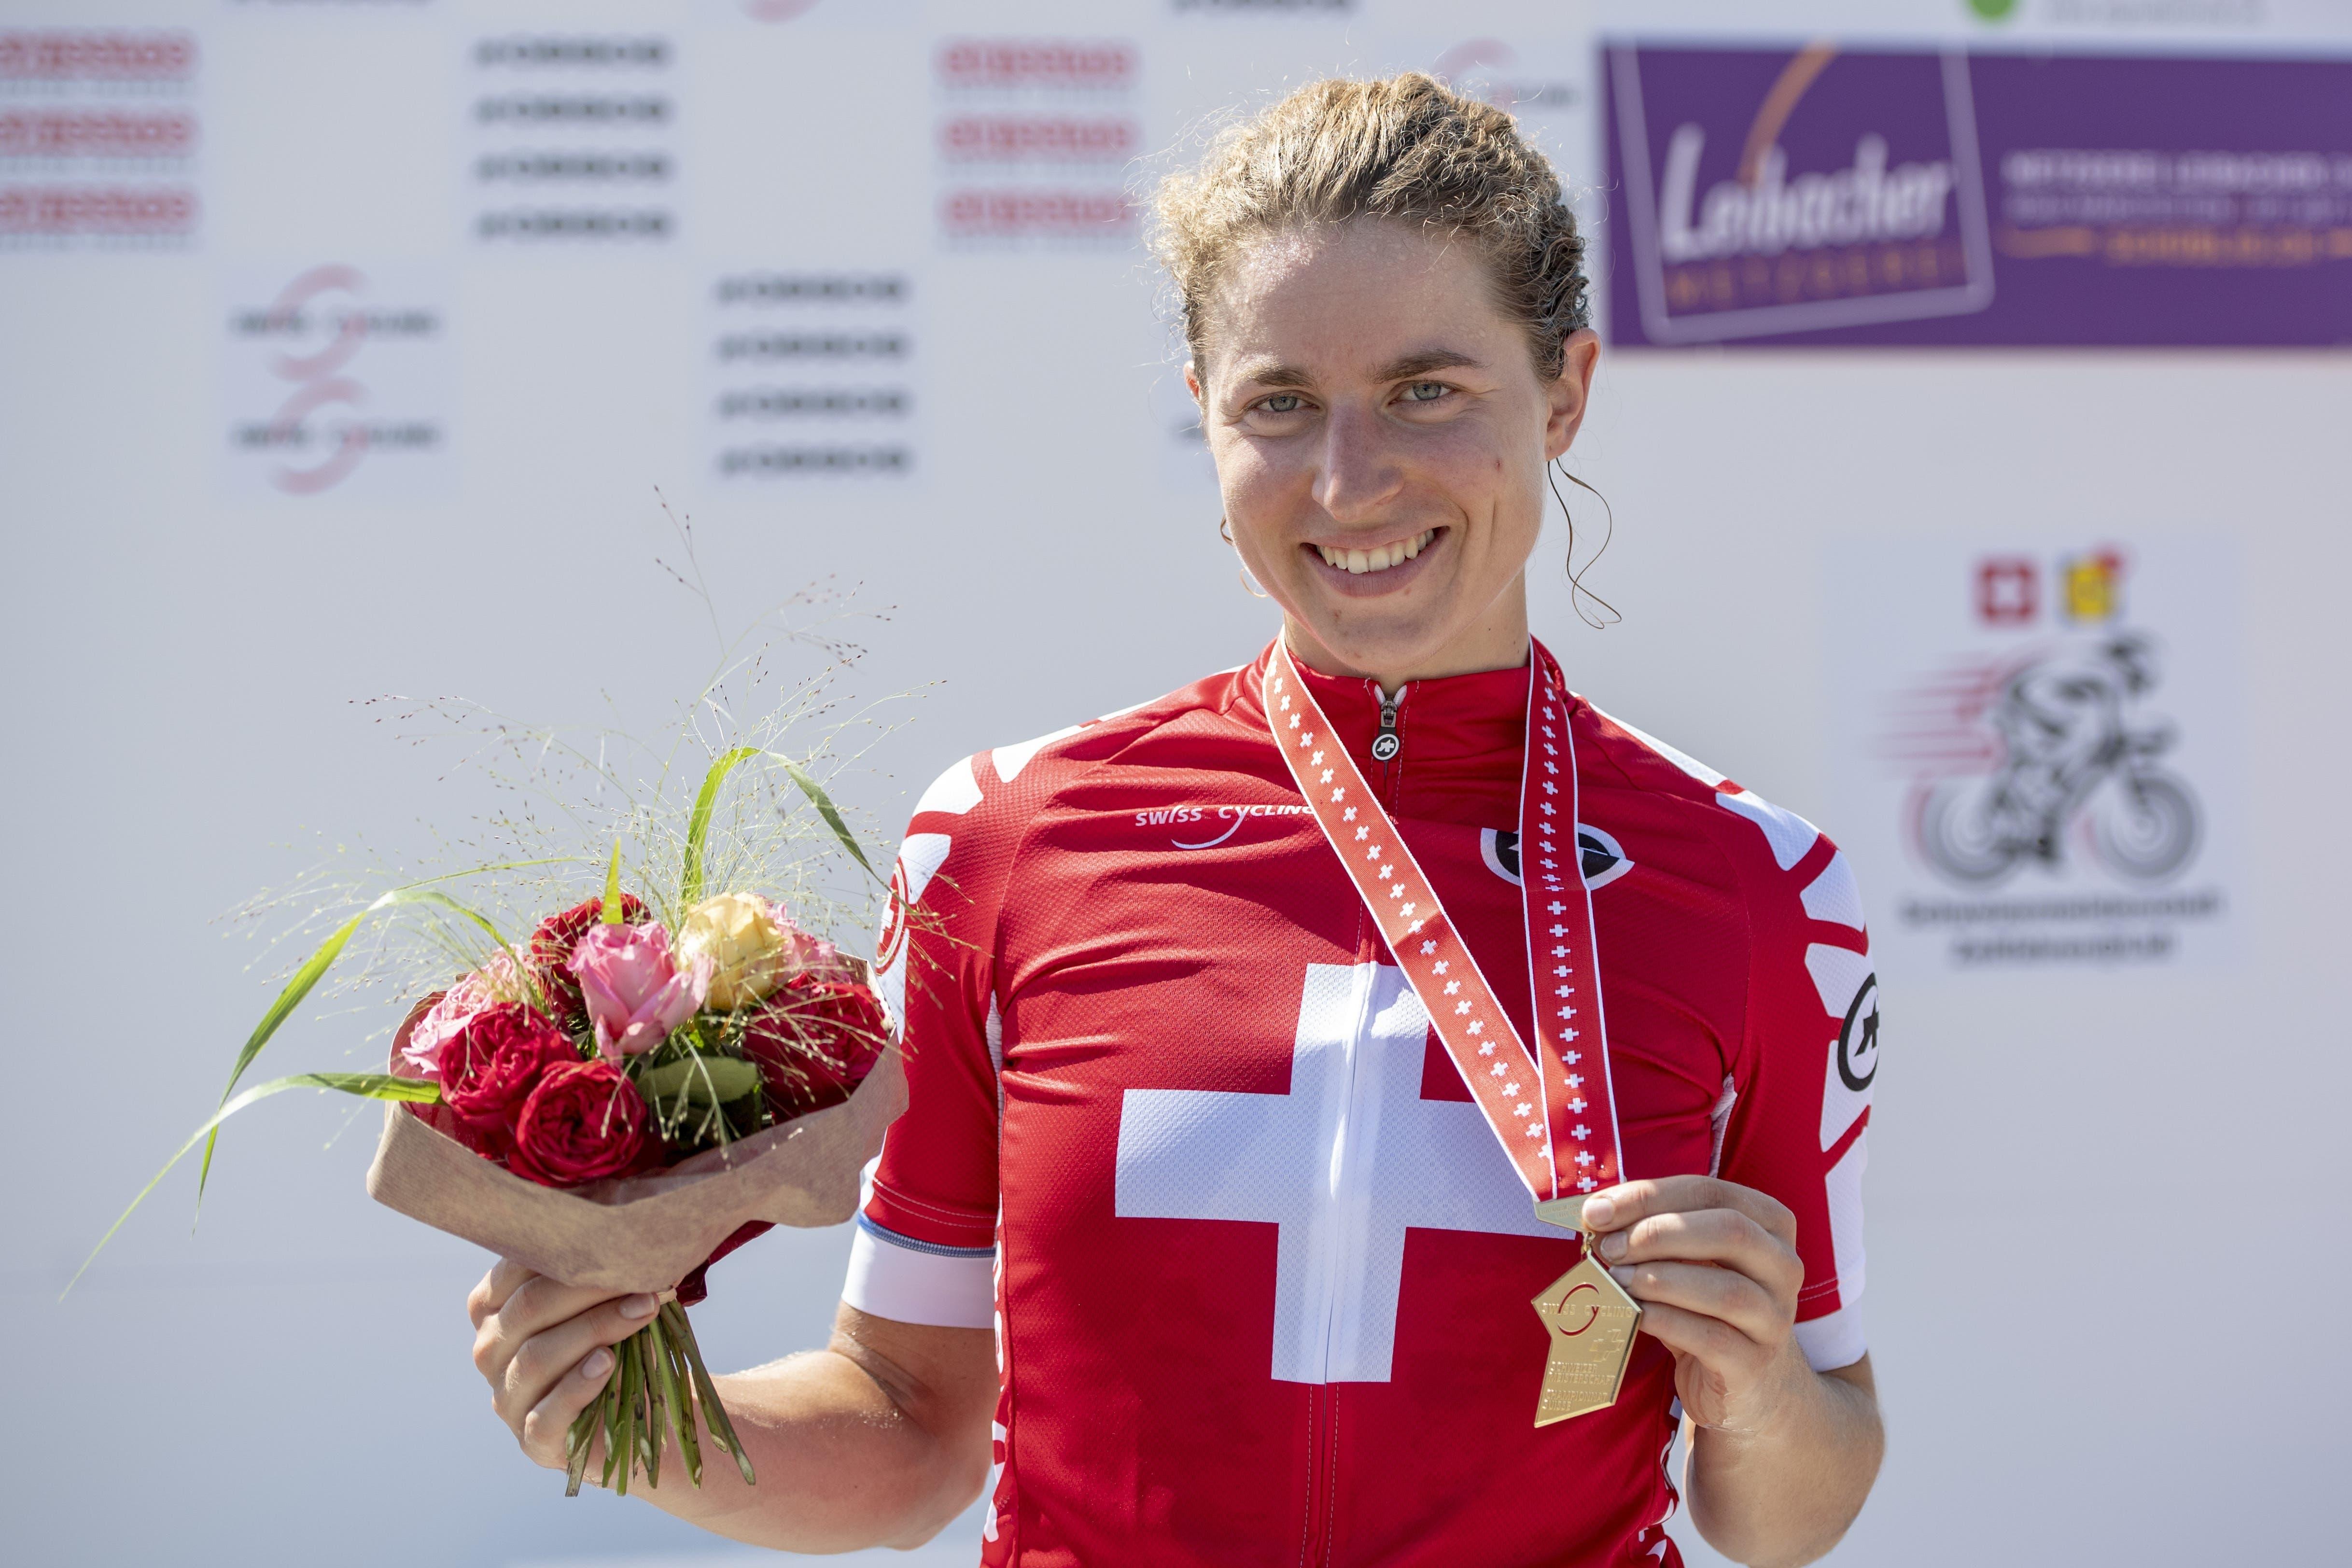 An den Schweizer Meisterschaften 2019 in Weinfelden (TG) räumt Reusser ab: Sie gewinnt das Zeitfahren und das Strassenrennen.